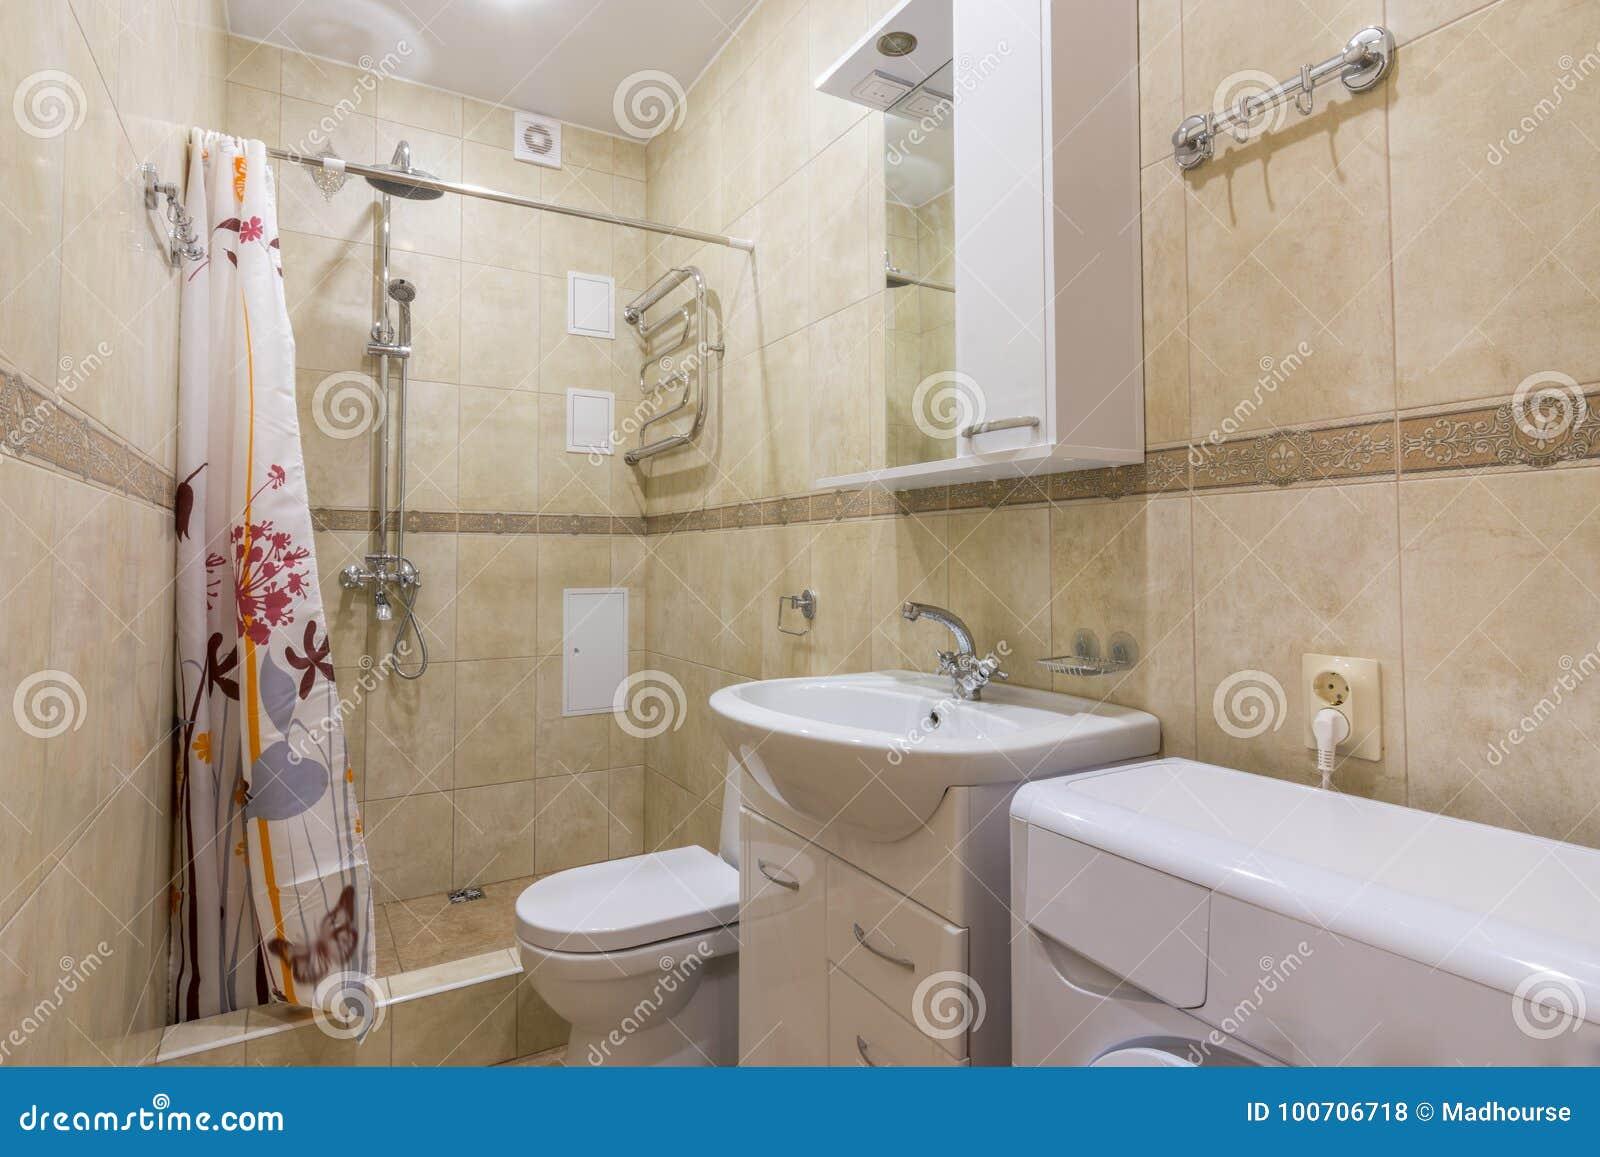 Интерьер малая ванная комната купить картриджи для смесителя в воронеже